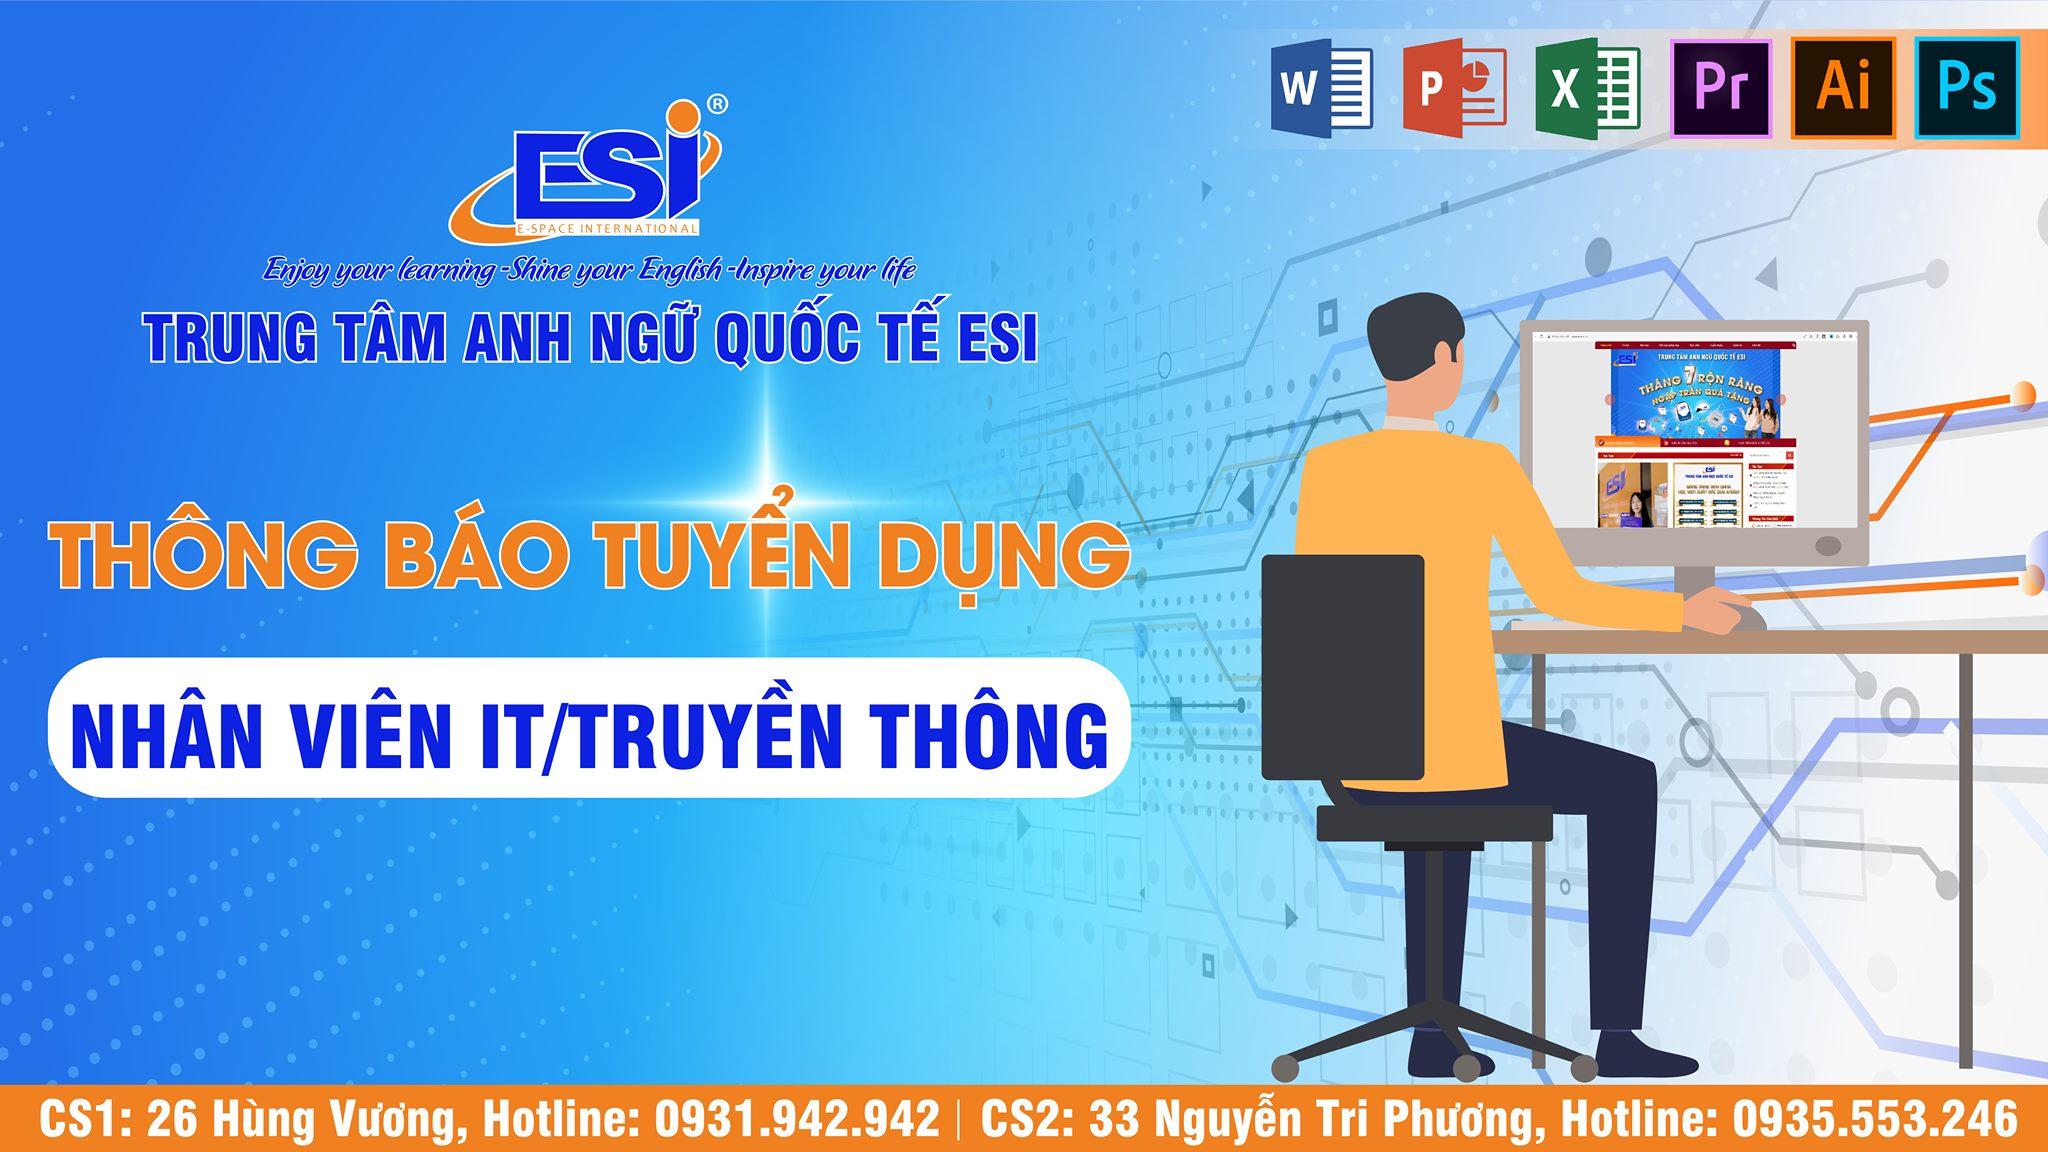 http://espace.com.vn/tuyen-dung-nhan-vien-it/truyen-thong